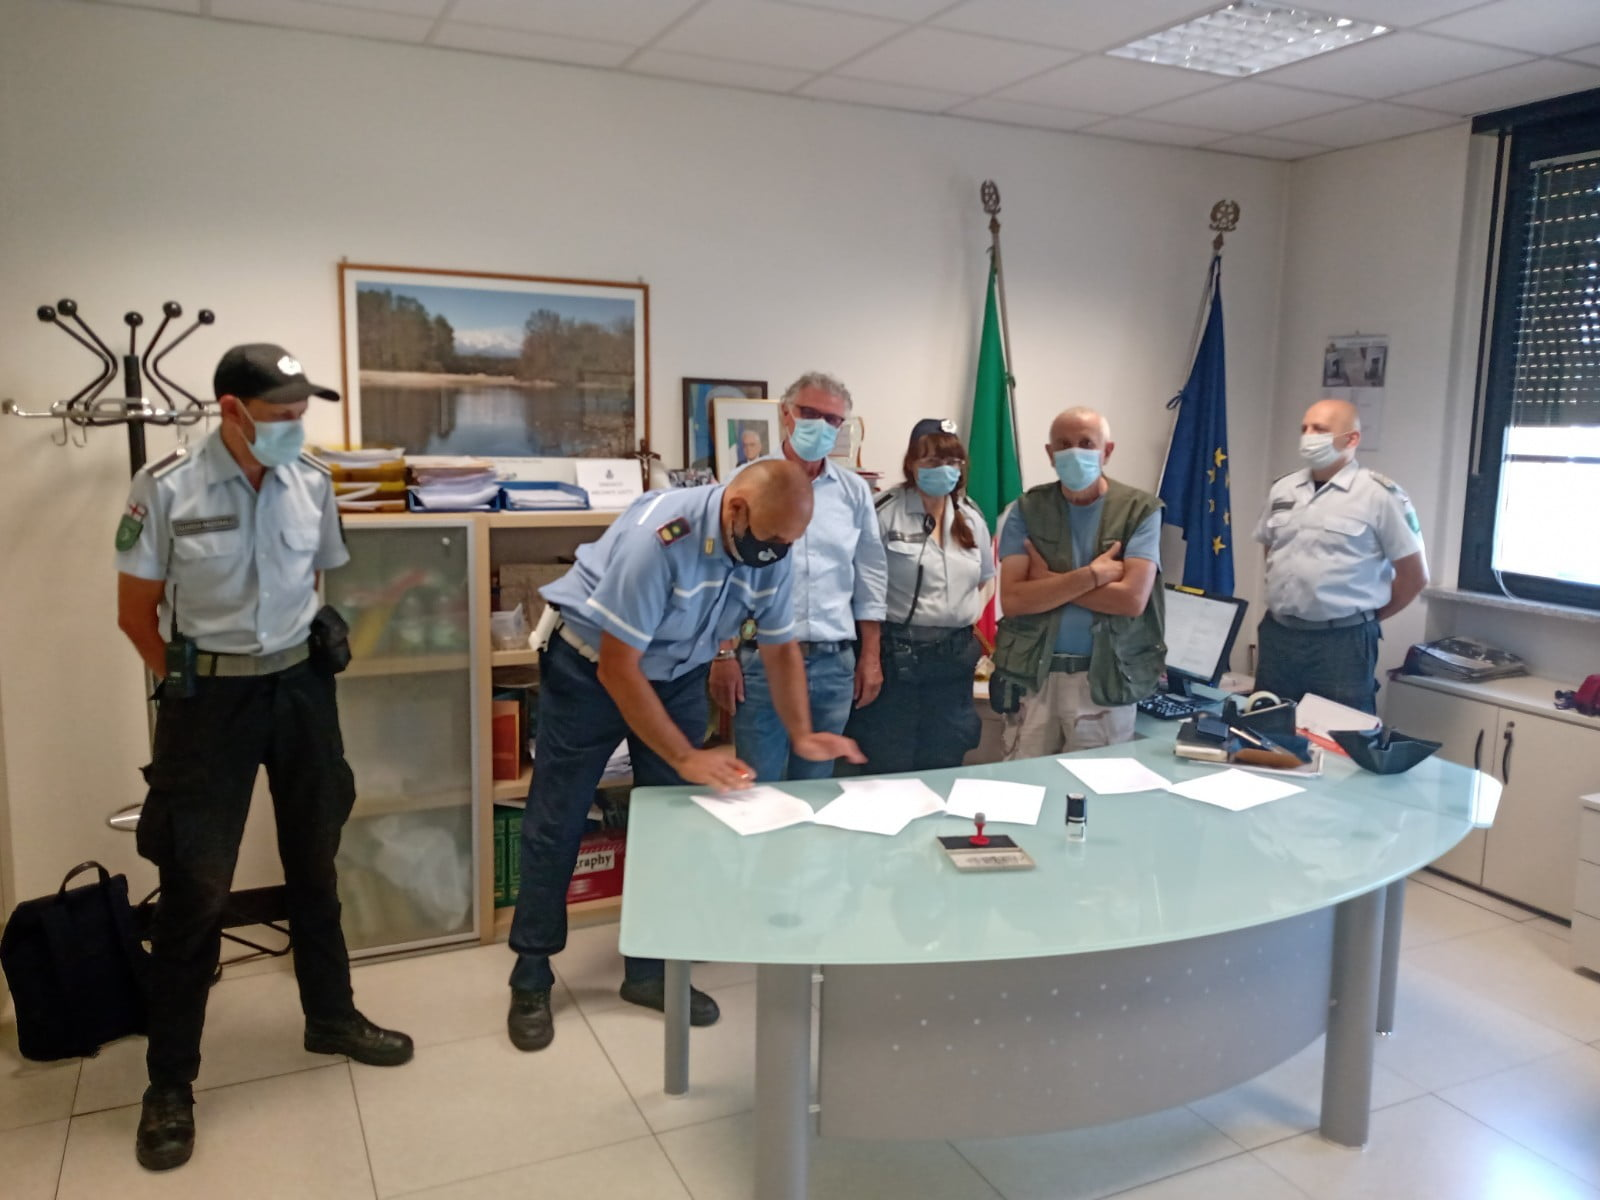 Firma della convenzione fra la Guardia Nazionale e l'amministrazione comunale di Vanzaghello per l'uso dei locali della stazione Trenord di Vanzaghello e i servizi di polizia locale